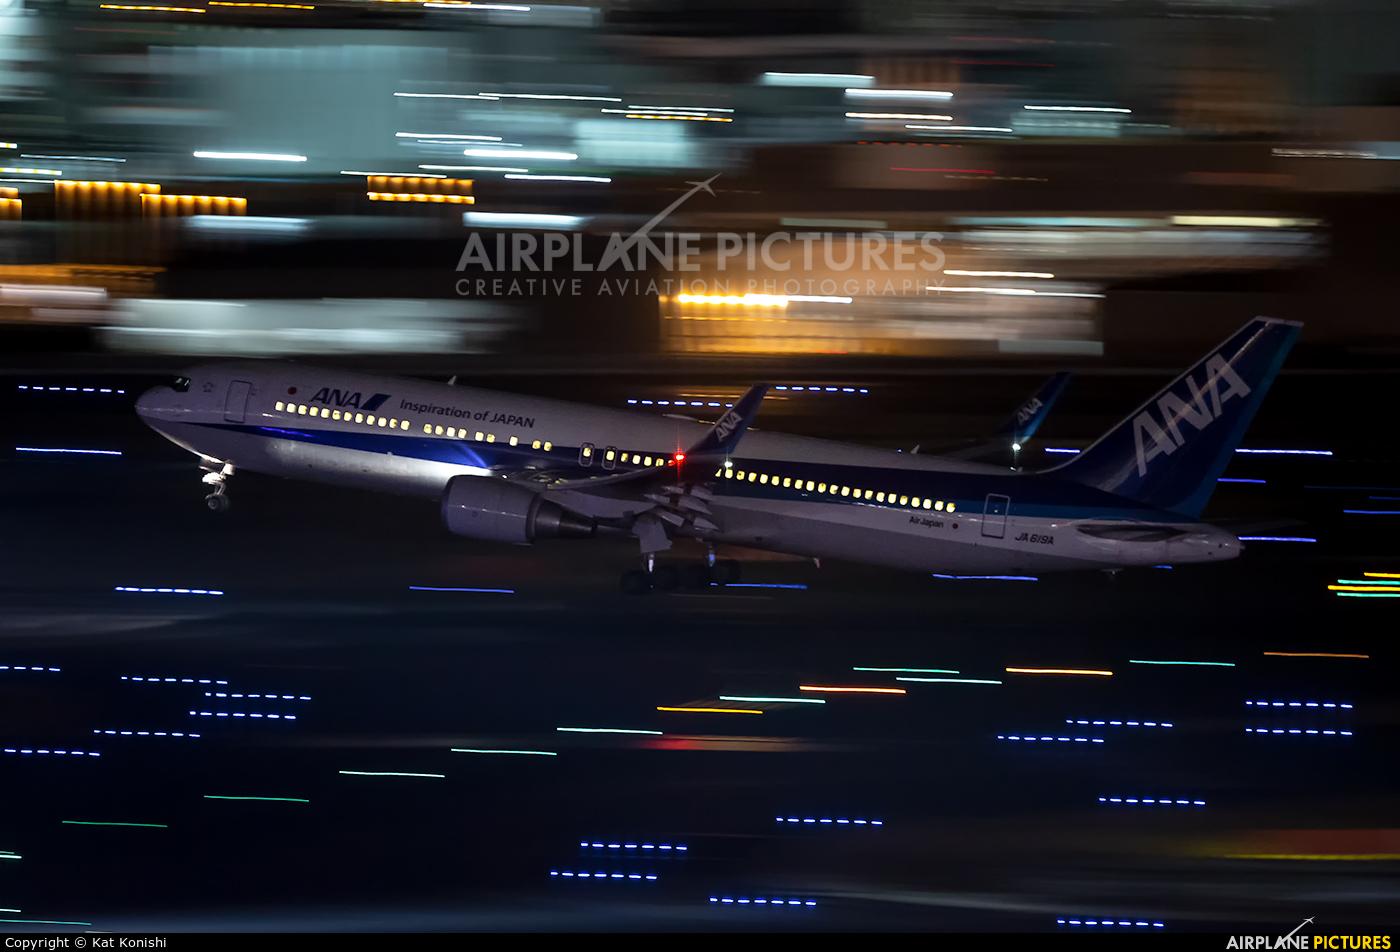 ANA - All Nippon Airways JA619A aircraft at Tokyo - Haneda Intl